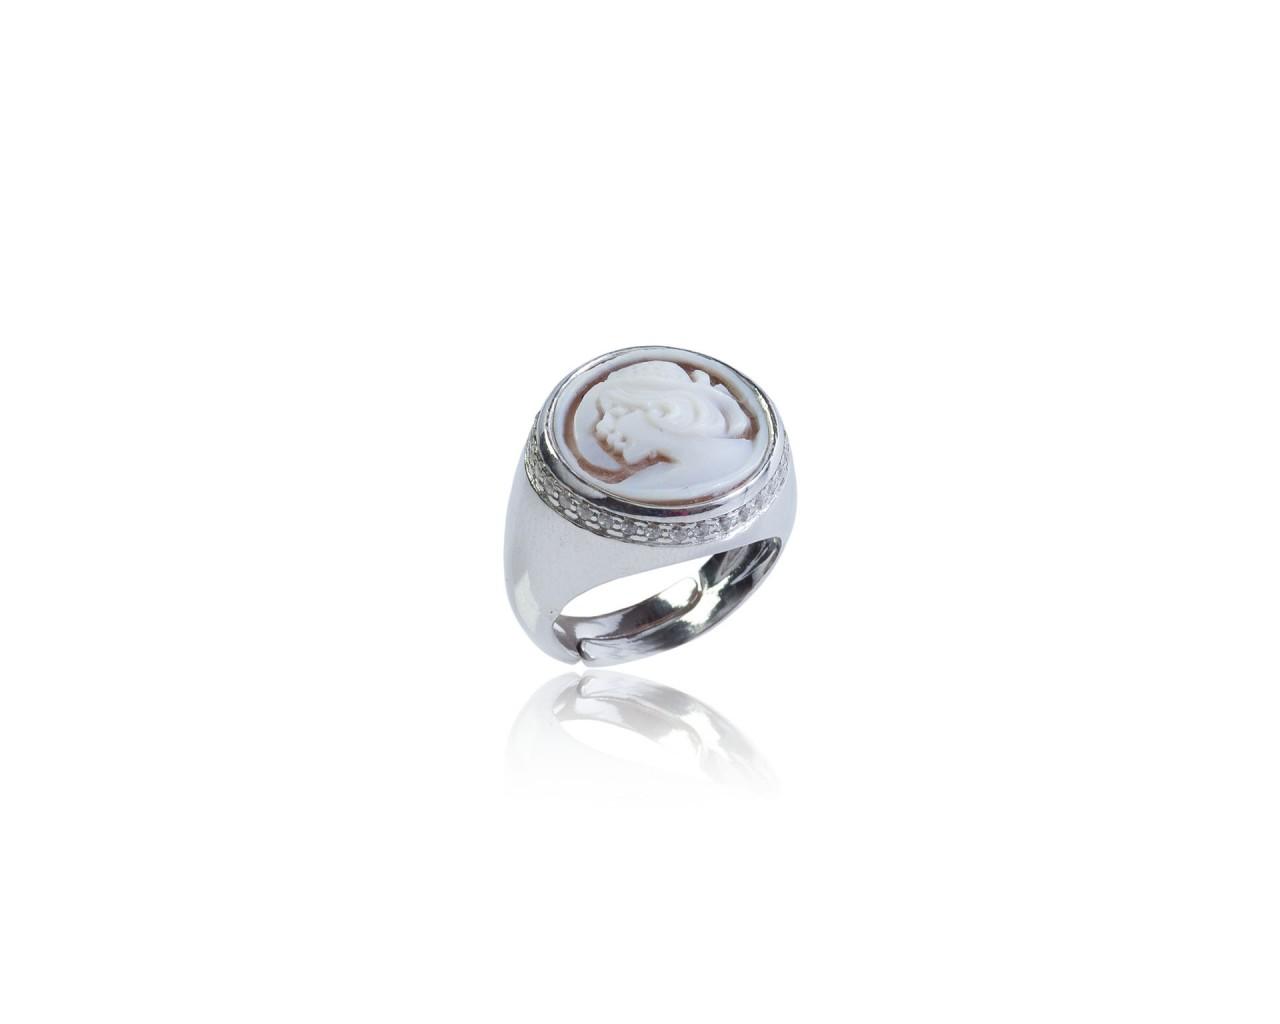 Anello in argento 925 con cammeo sardonico interamente inciso a mano Modello ANZT024